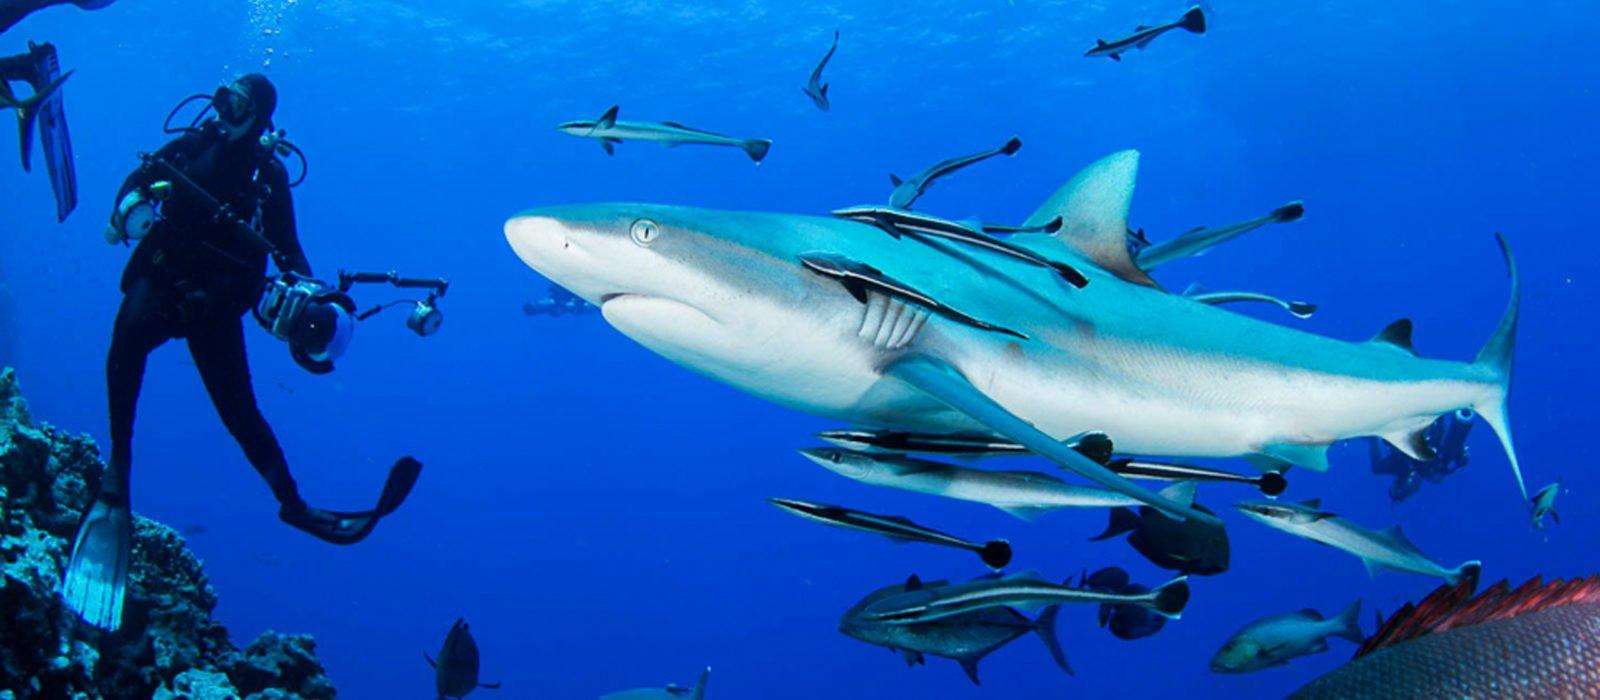 Shark, scuba diving